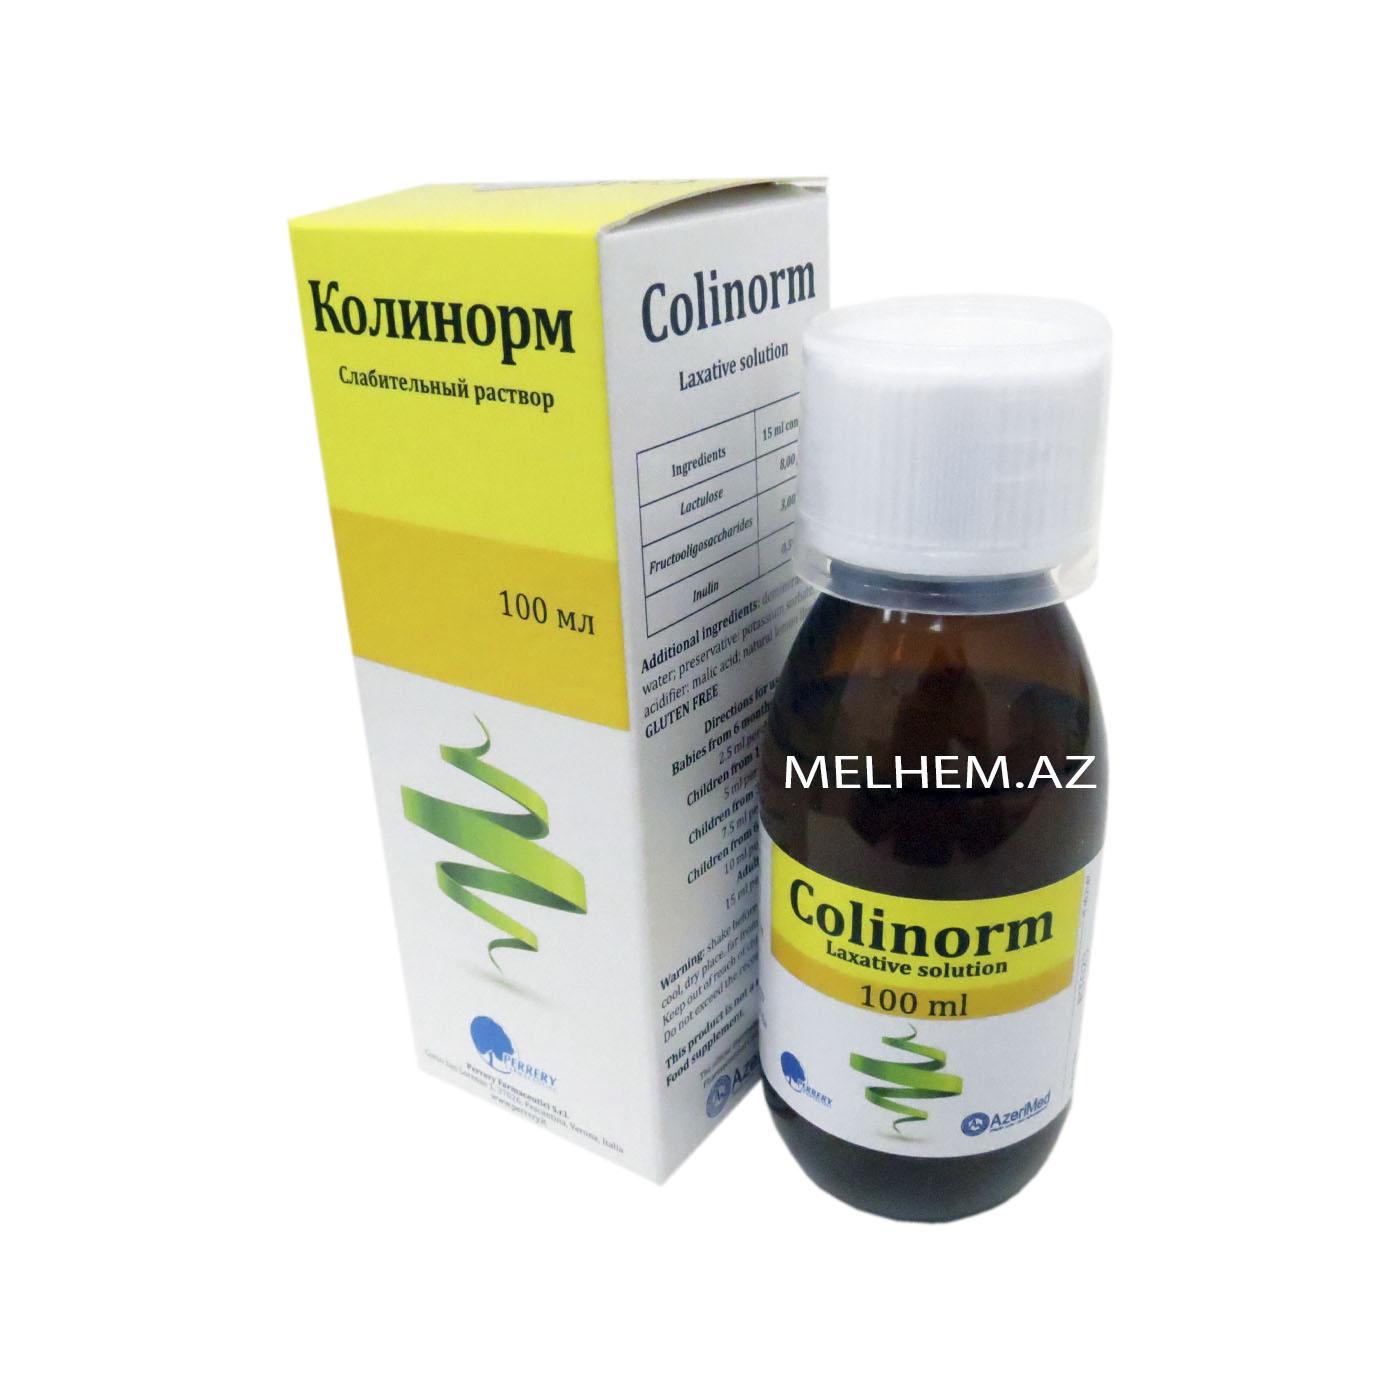 COLİNORM 100 ML